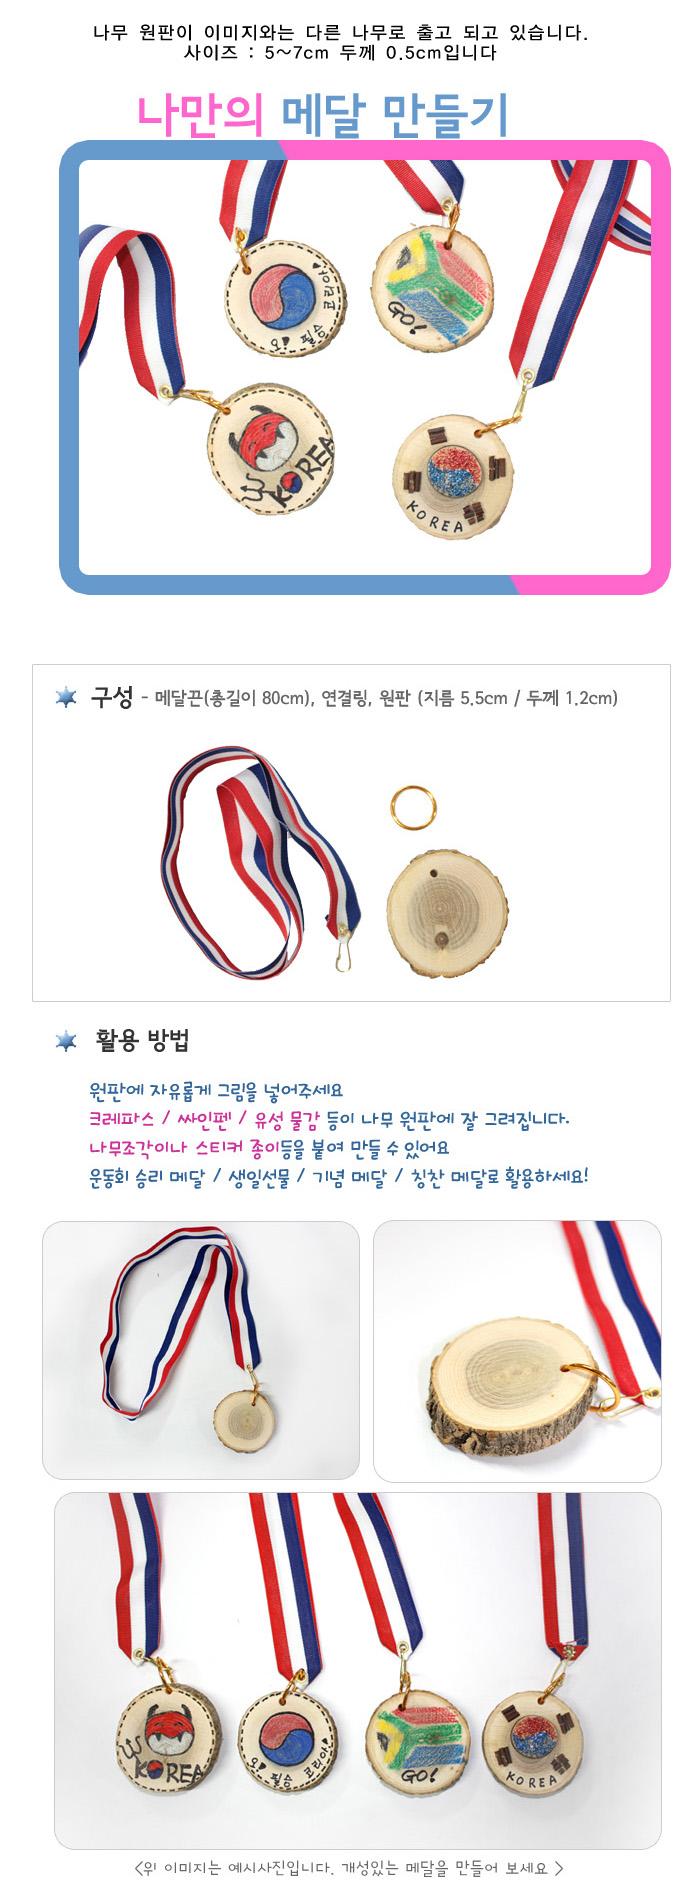 나만의 메달 만들기 - 에코키즈, 1,500원, 우드공예, 우드공예 패키지